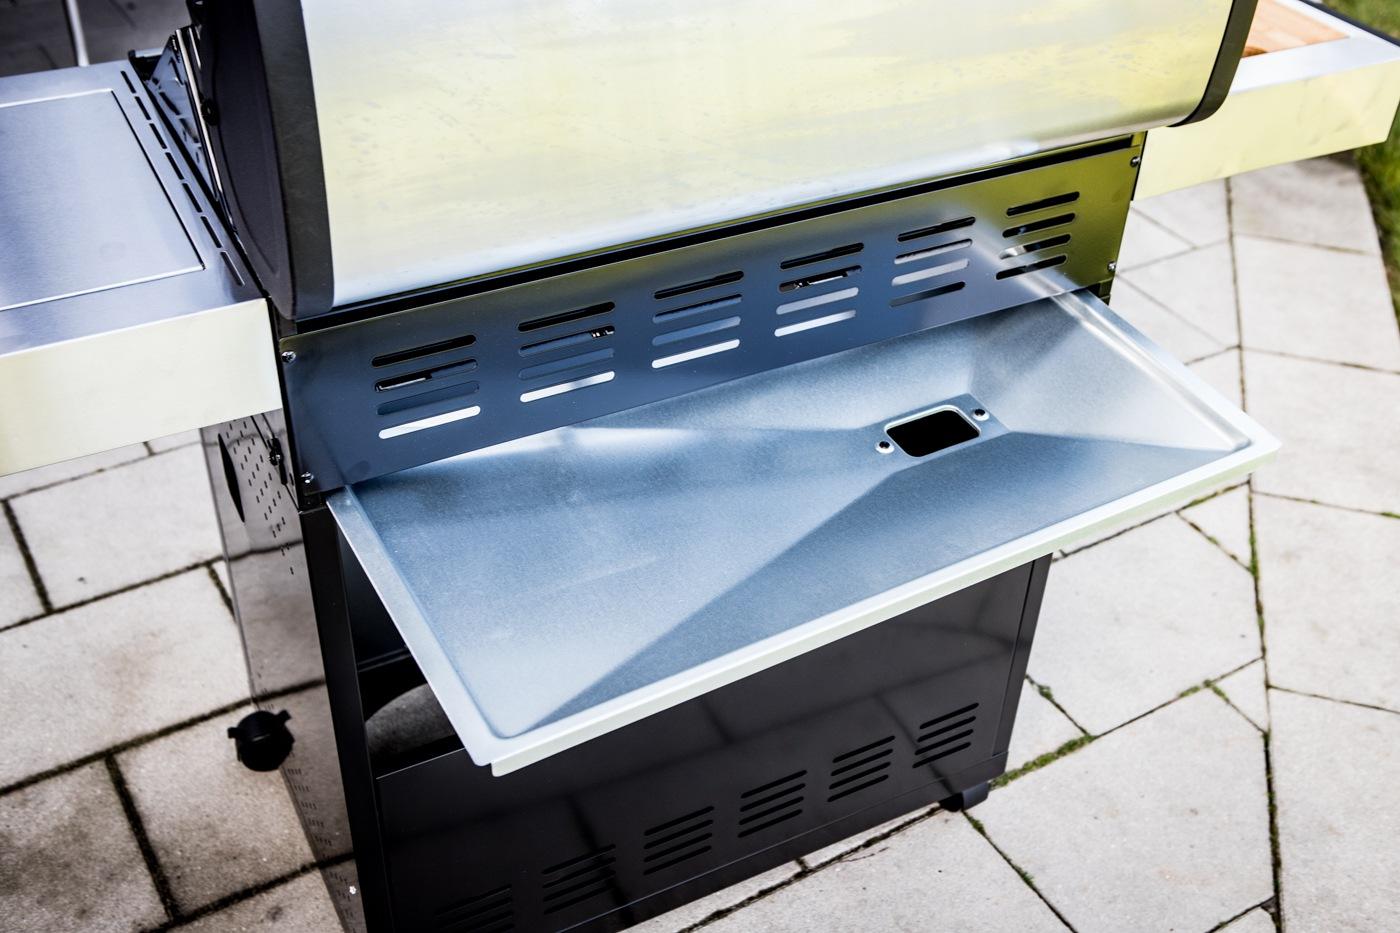 Fettblech (Spülmaschinen geeignet)